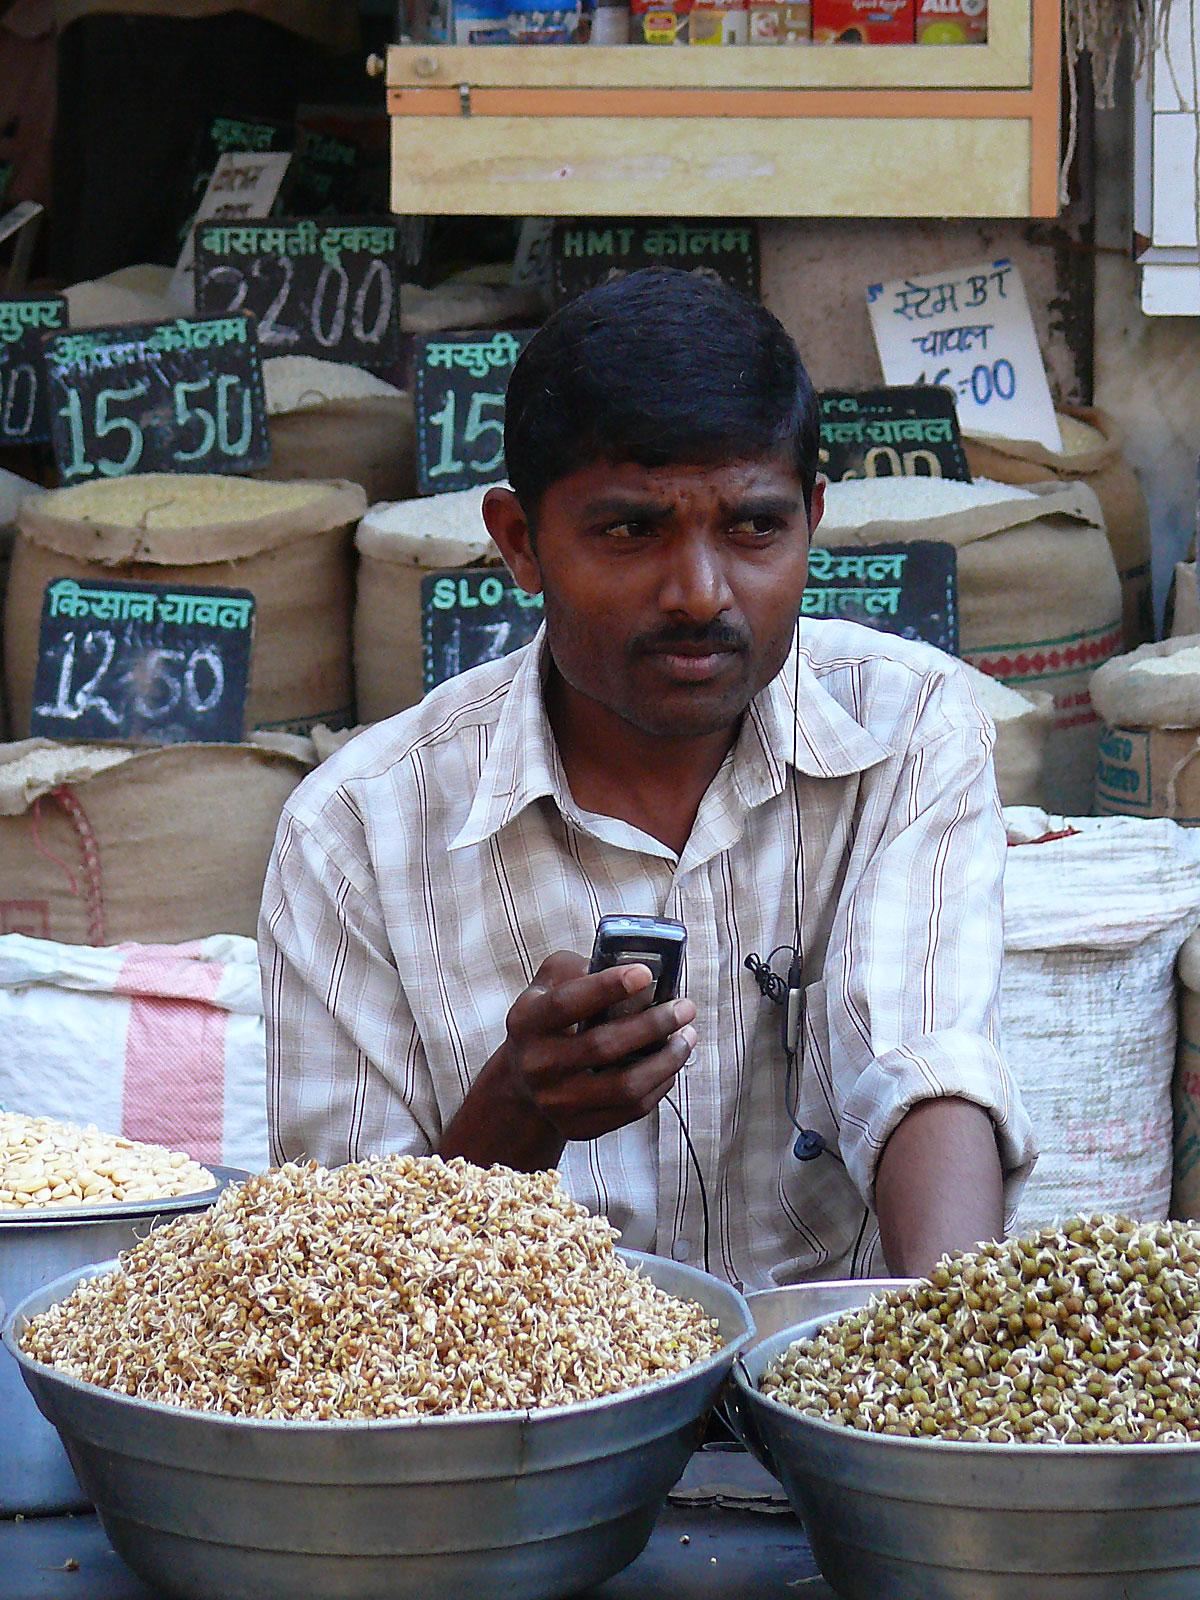 INDIEN MUMBAI Menschen Wohnen FINEST-onTour P1030456.jpg